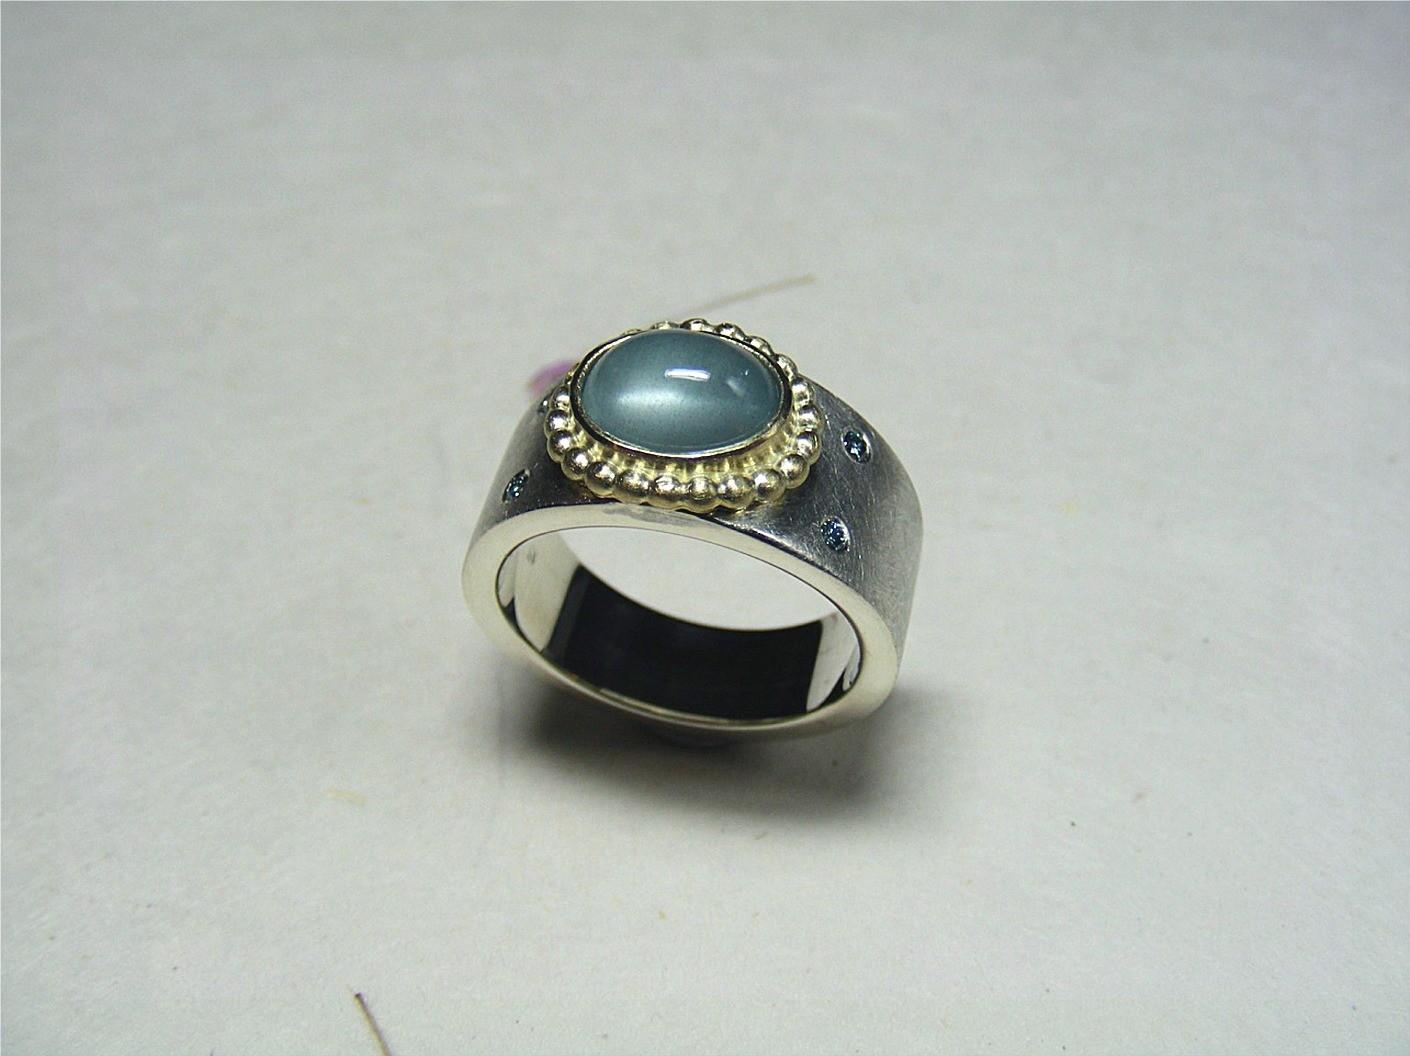 zilver, 14kt geelgoud, aquamarijn en lichtblauwe diamanten